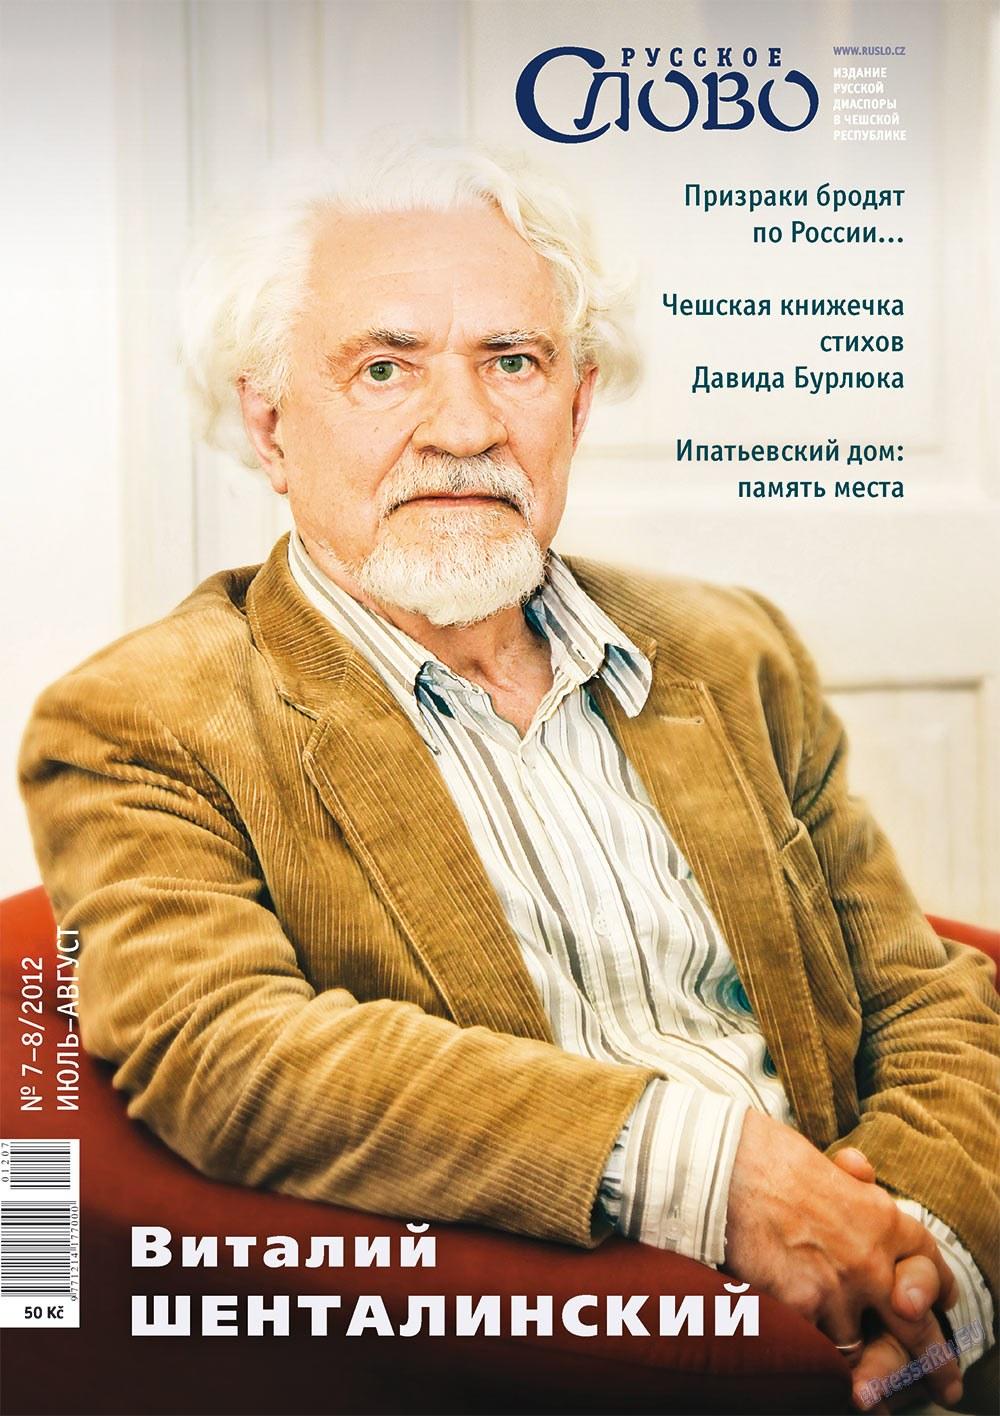 Русское слово (журнал). 2012 год, номер 7, стр. 1